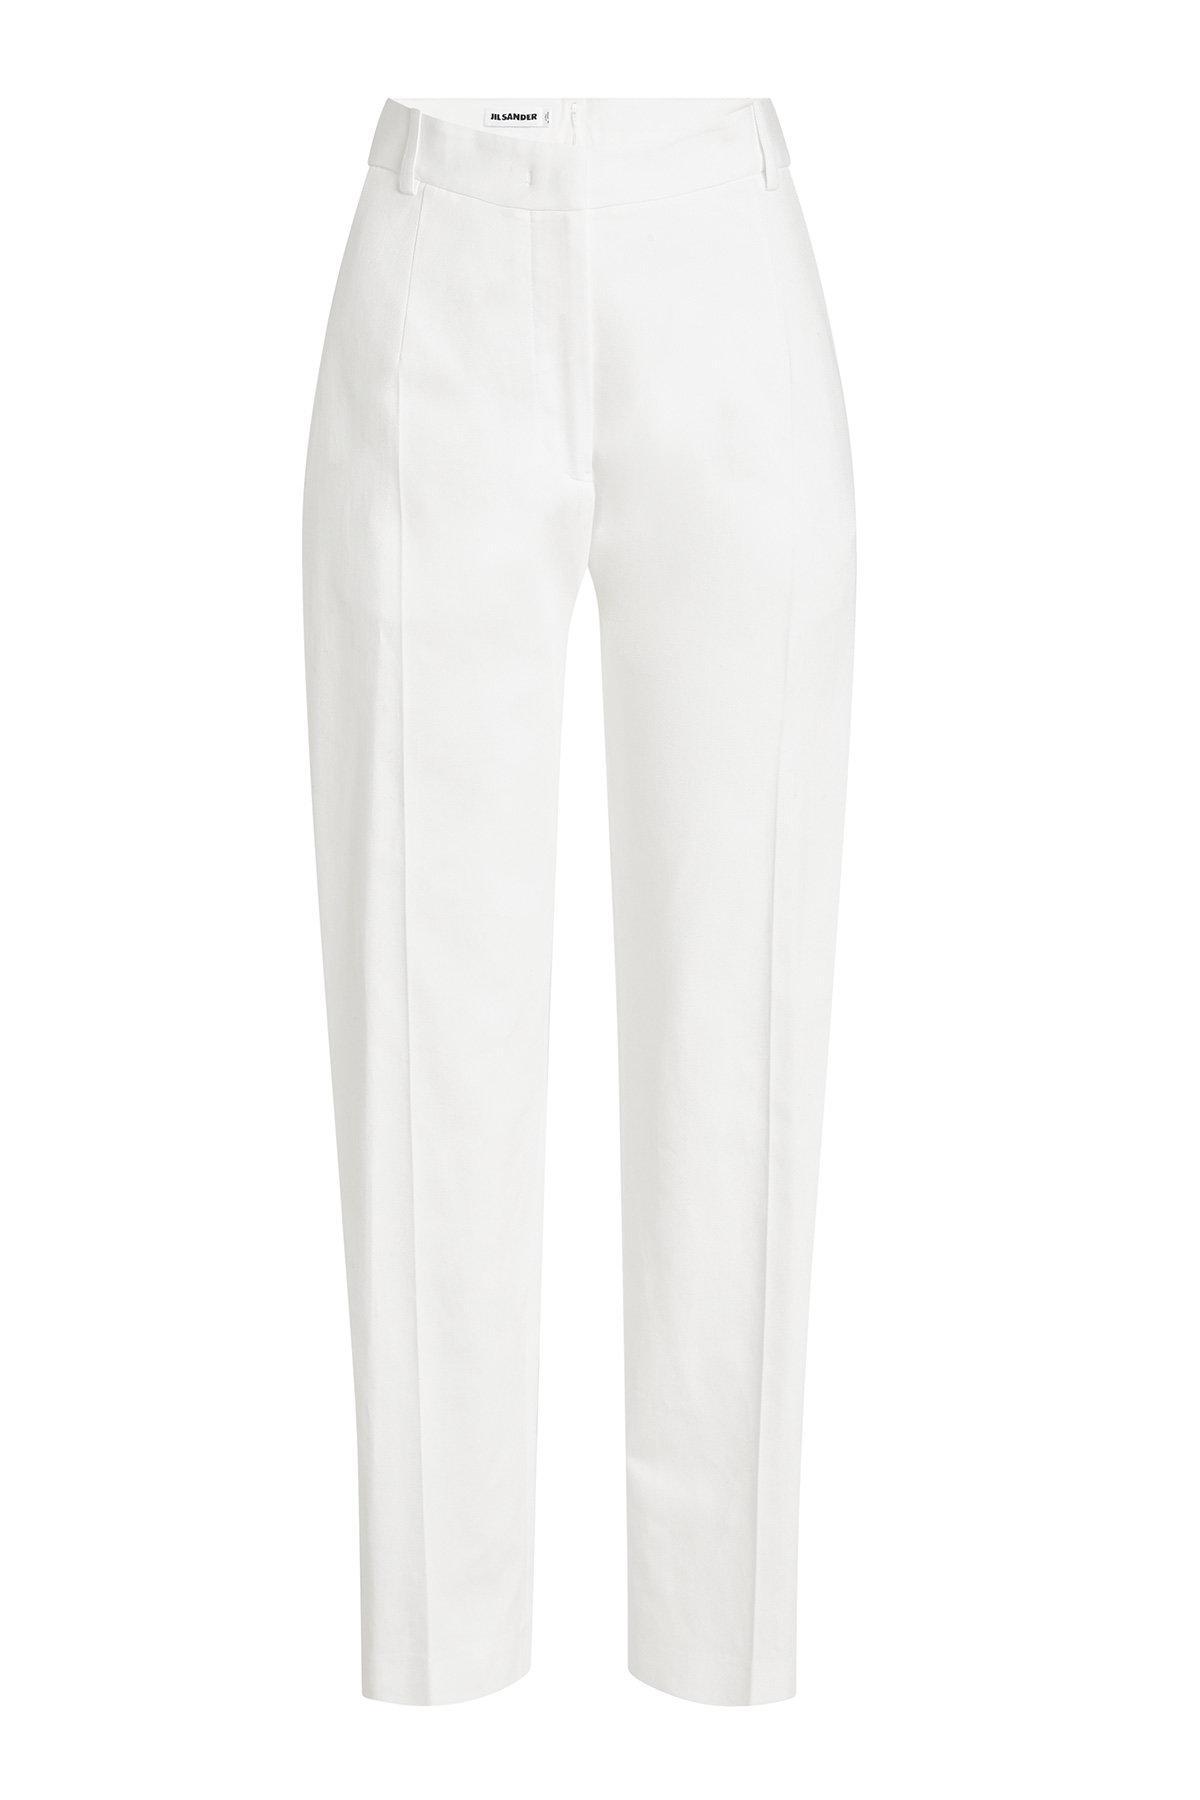 enea cotton pants